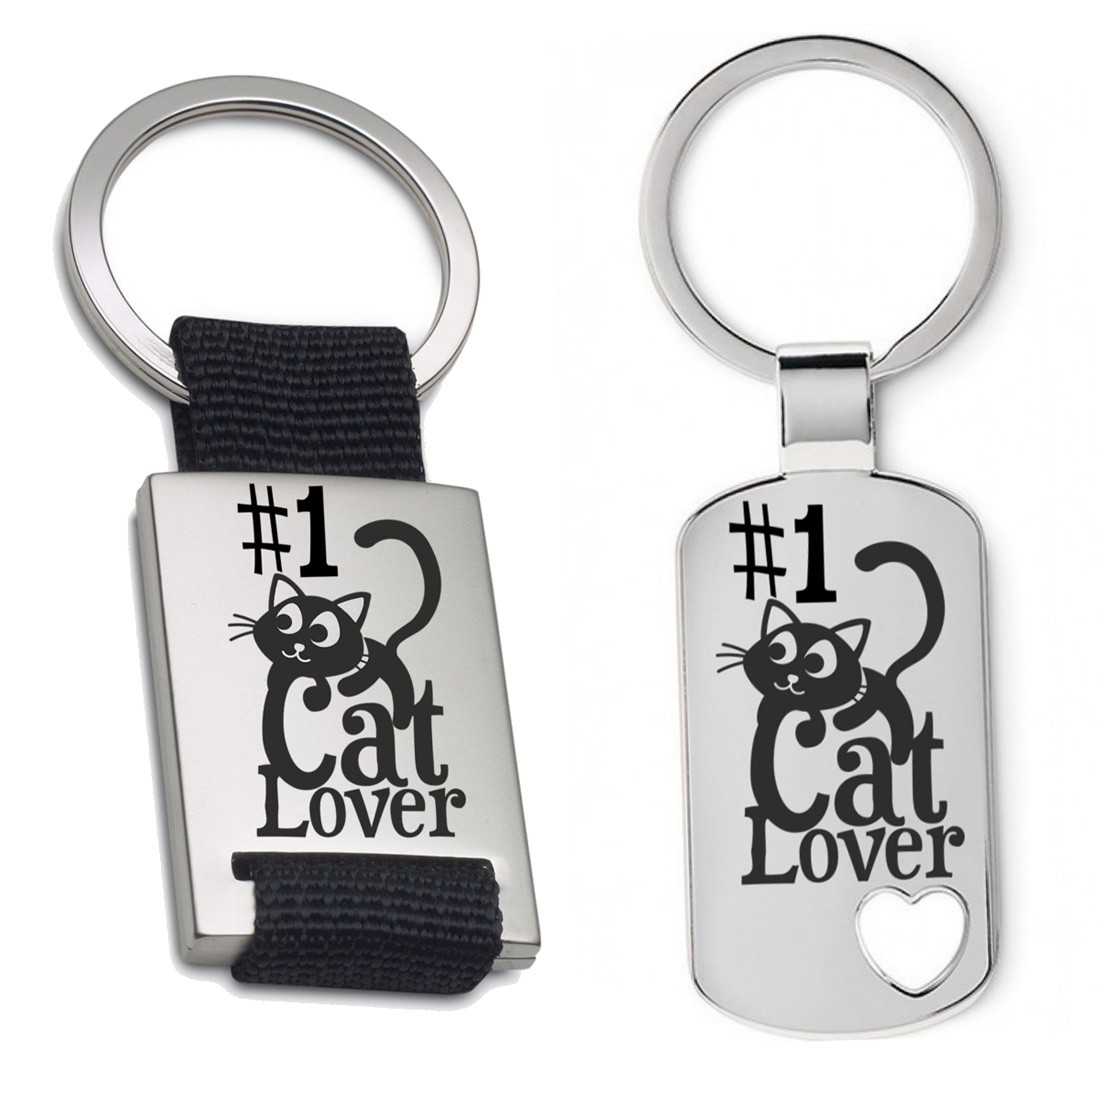 Schlüsselanhänger: #1 Cat lover